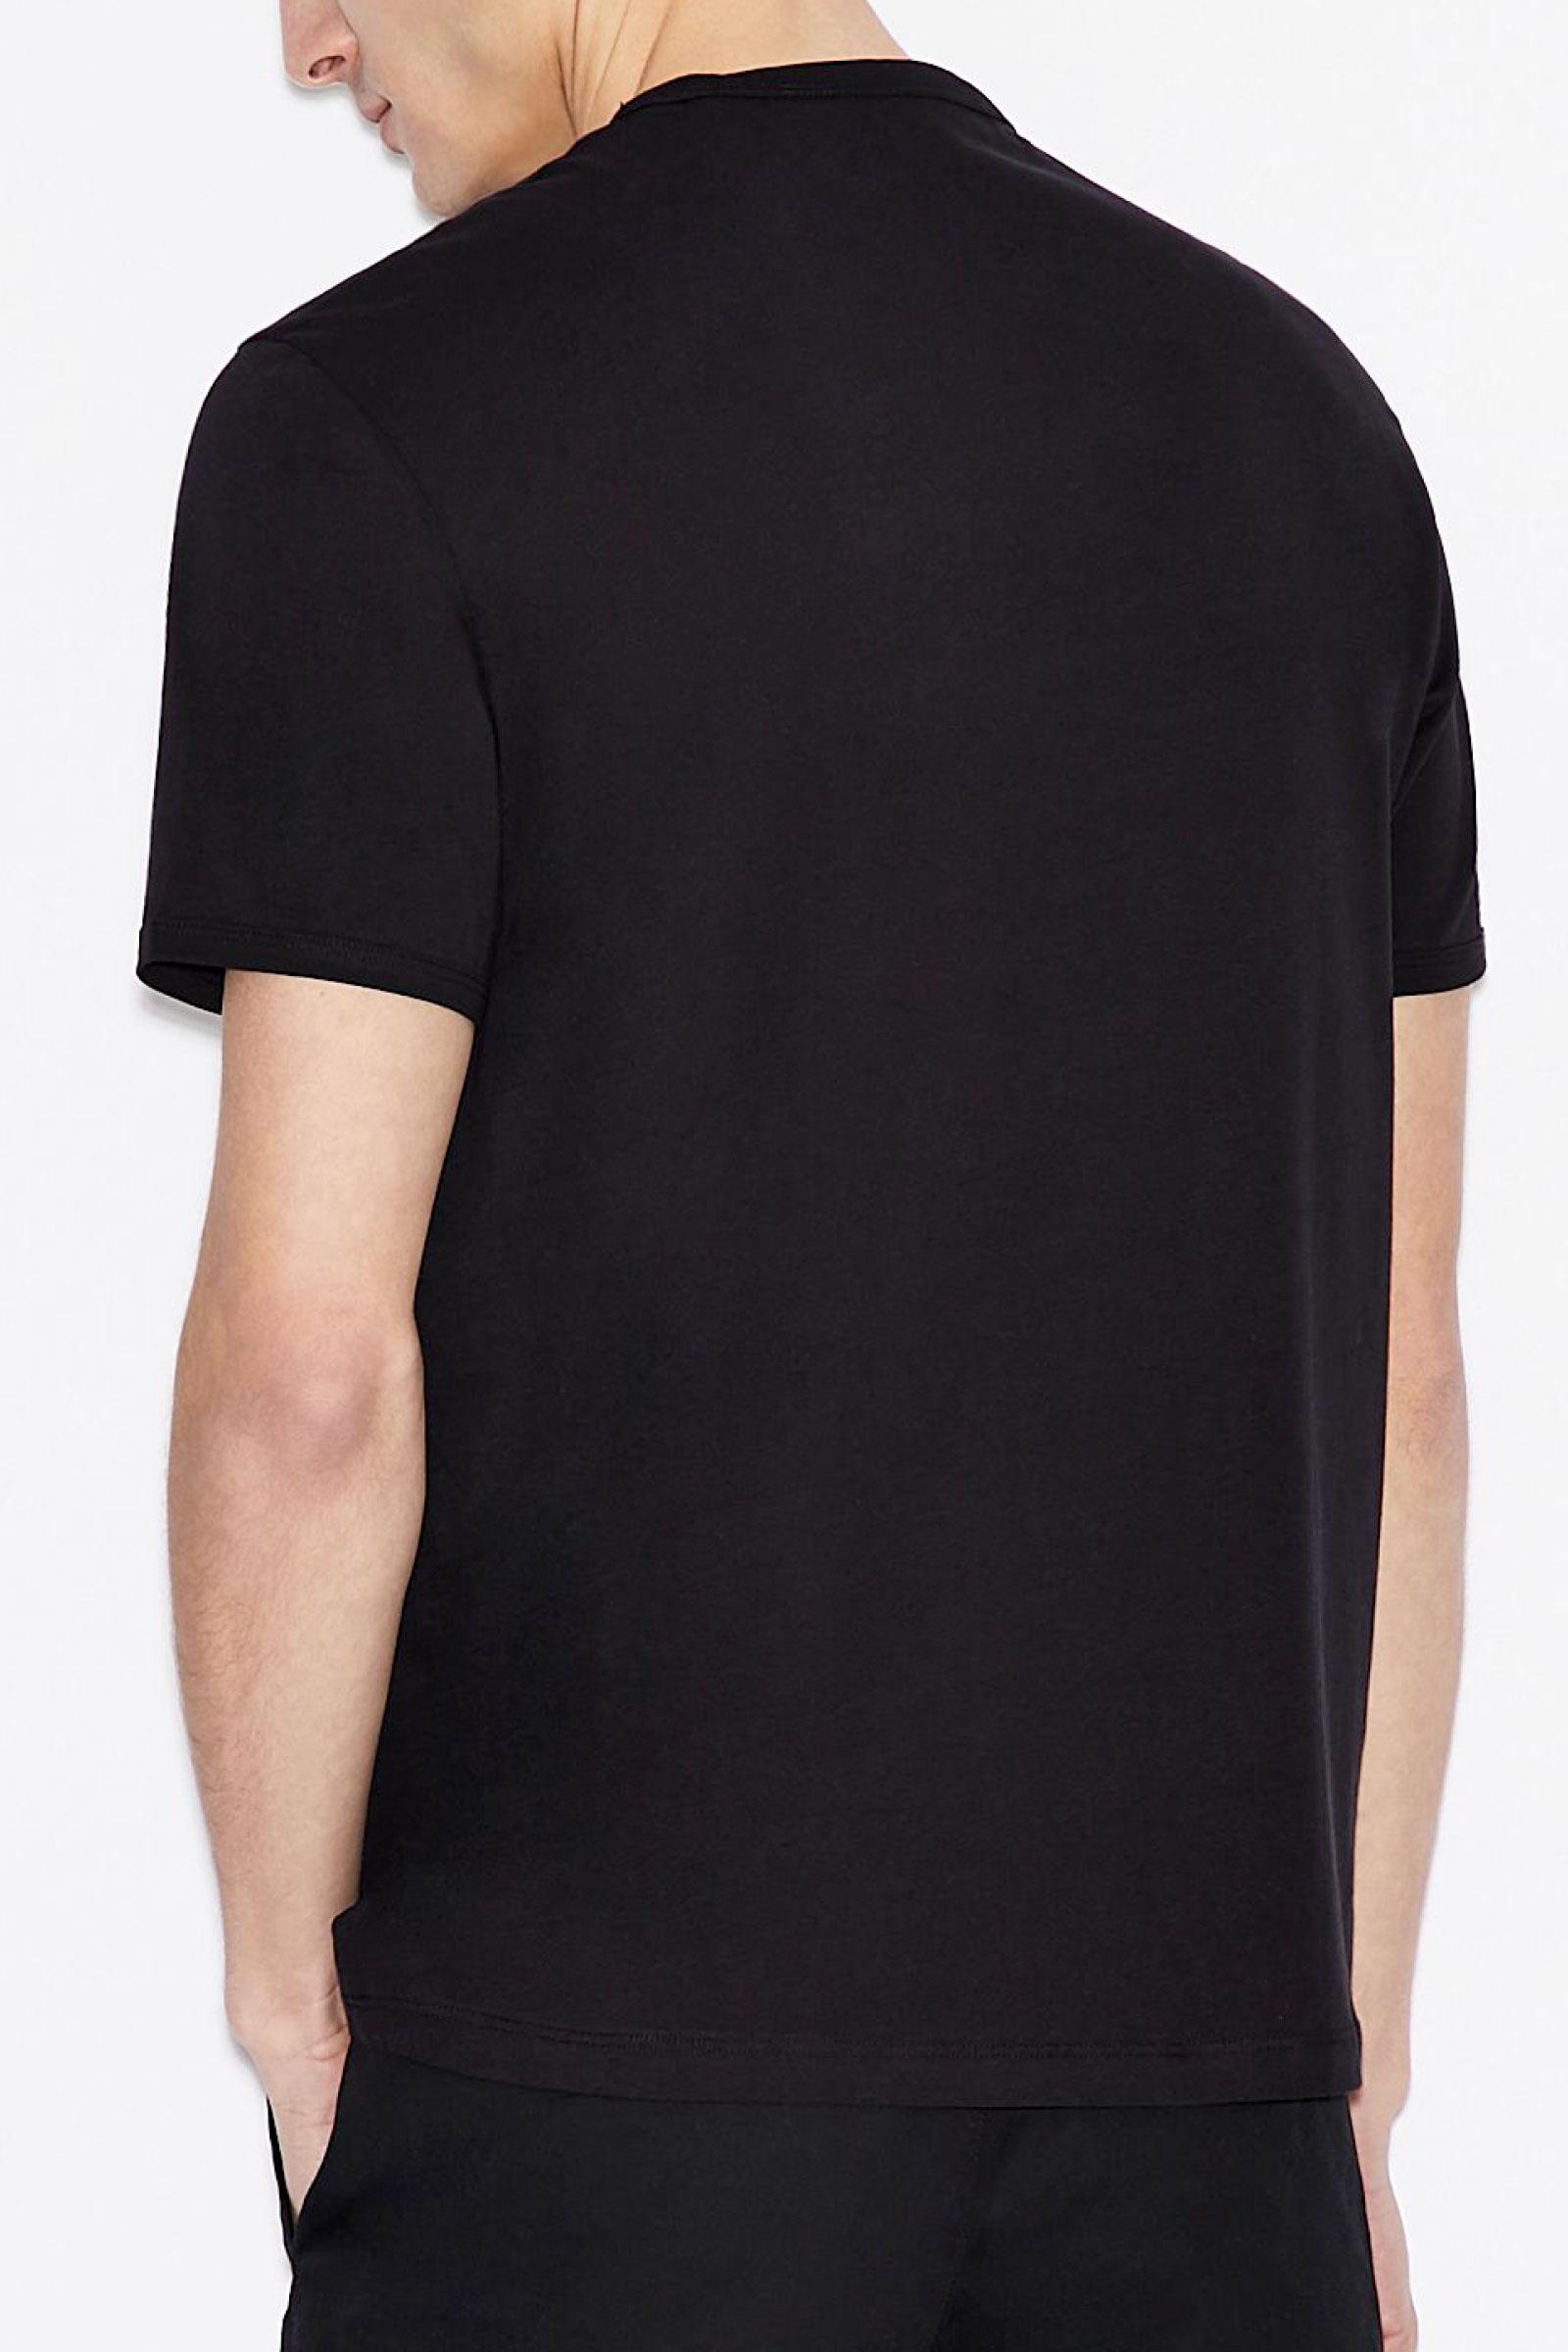 ARMANI EXCHANGE Men's T-Shirt ARMANI EXCHANGE | T-Shirt | 8NZT76 Z8H4Z1200